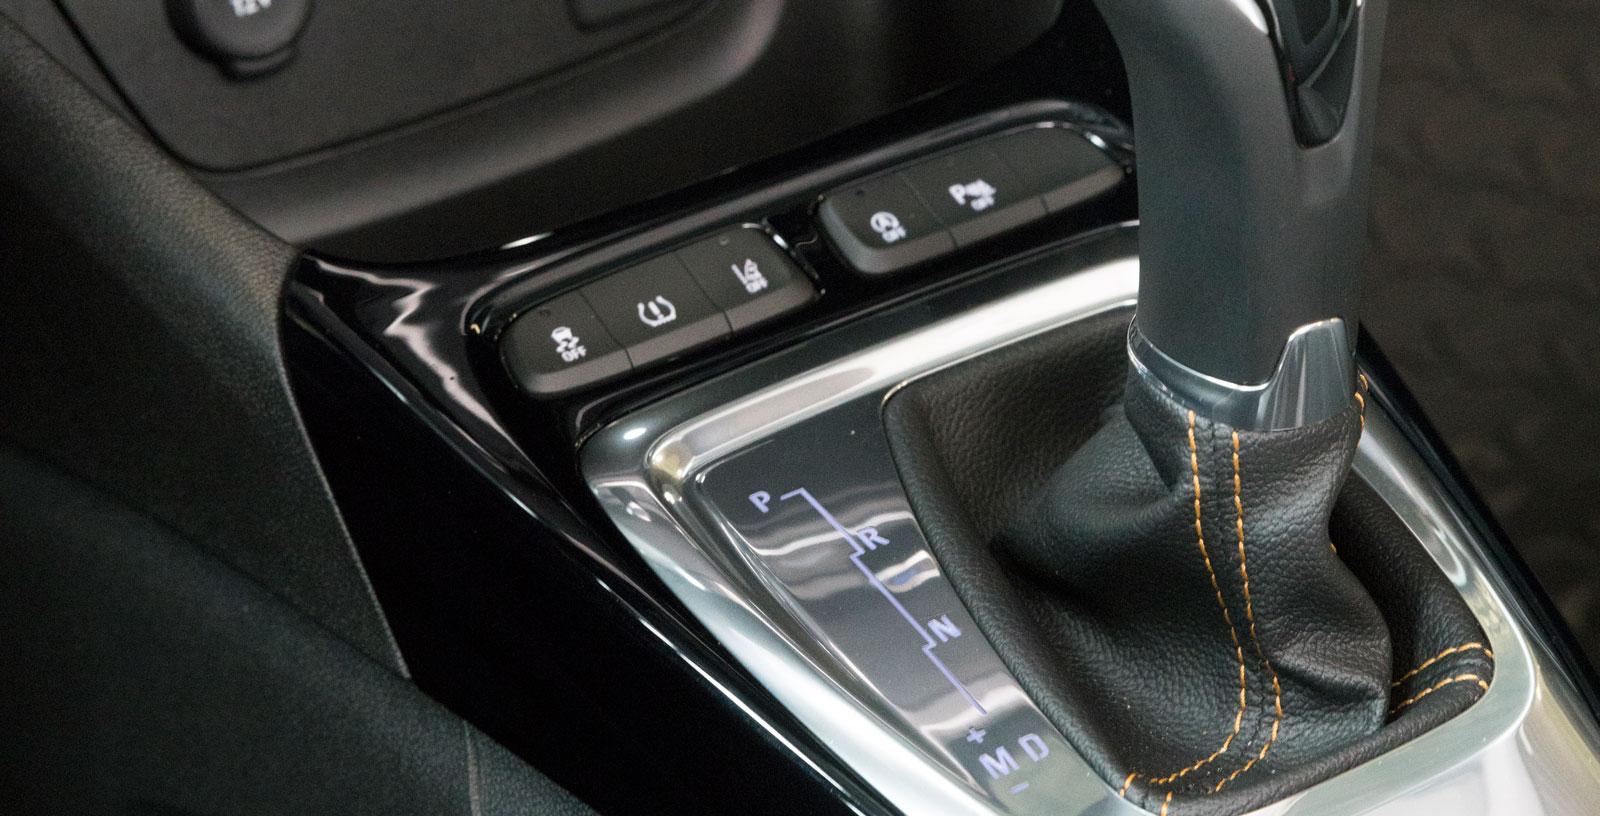 Den sexstegade automatlådan är direkt hämtad från PSA (Peugeot/Citroën) och övertygar inte på alla punkter. Dessutom lämnar kvalitetskänslan i växelväljaren en del övrigt att önska.